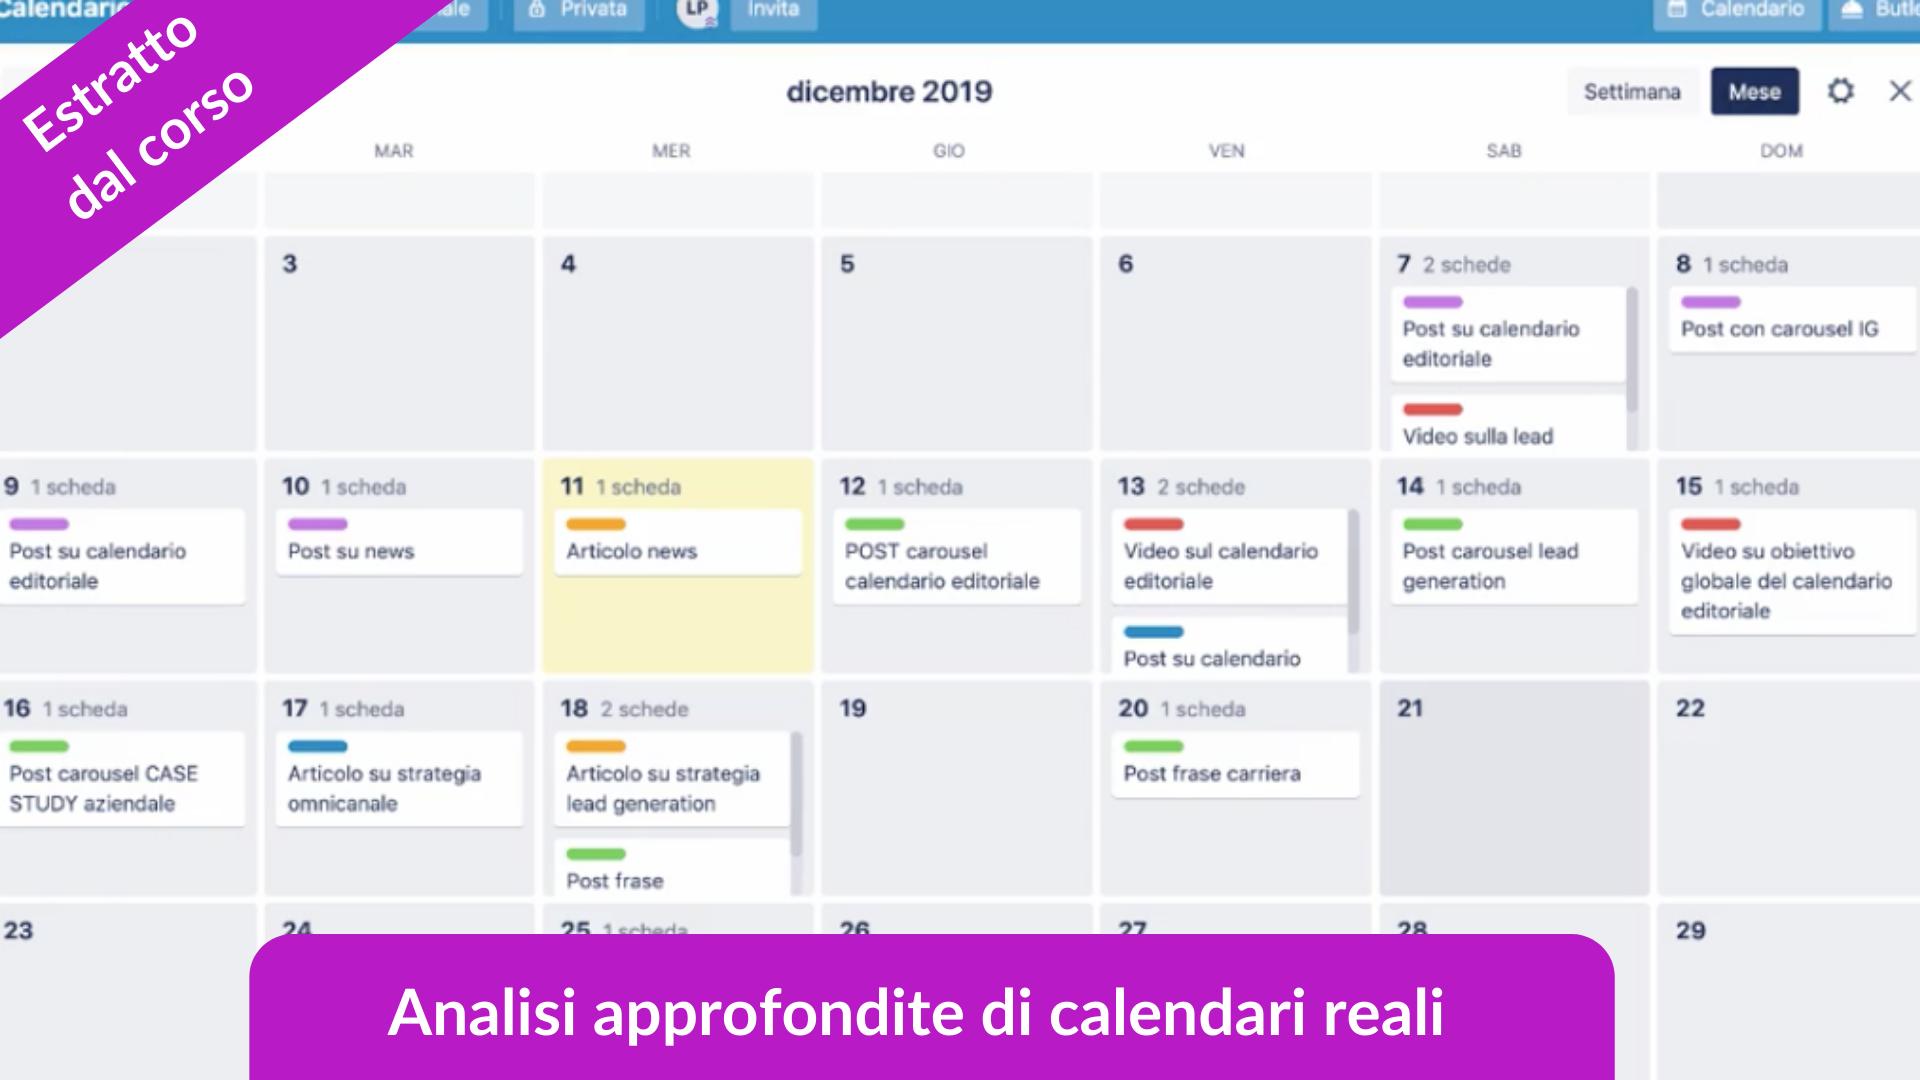 Estratto dal corso online sul calendario editoriale, analisi di calendari reali